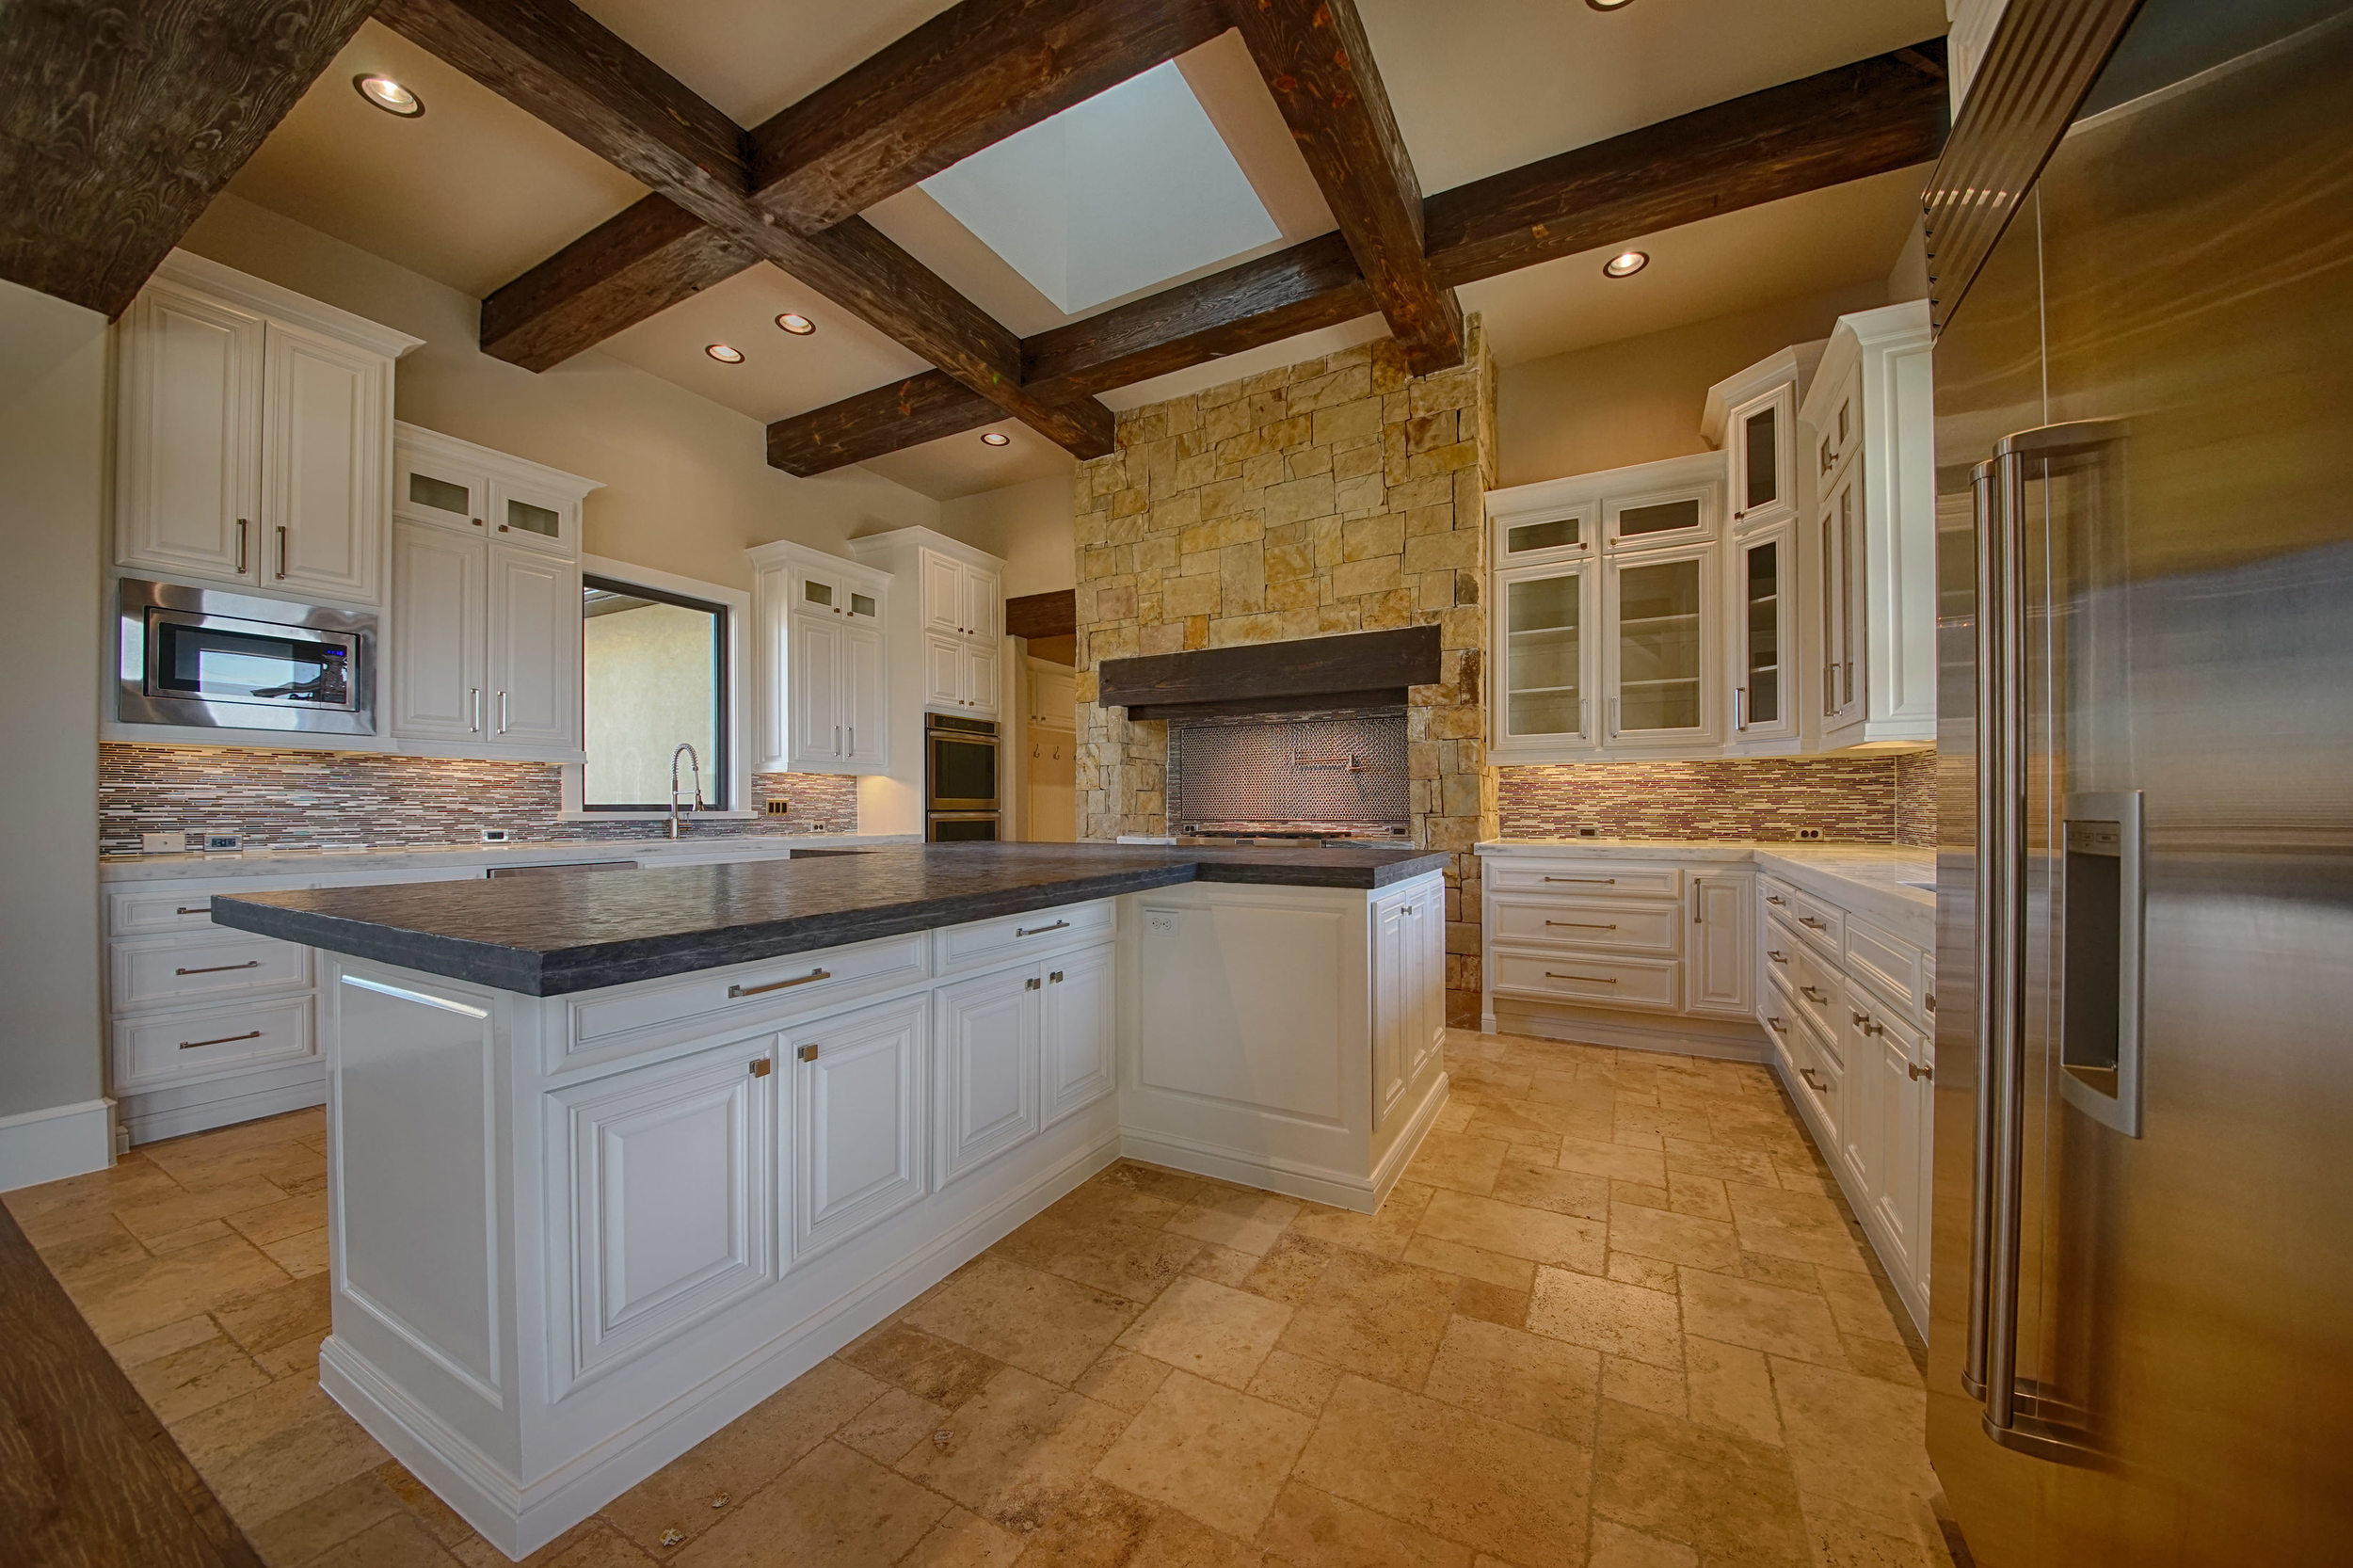 11 Kitchen 1.jpg